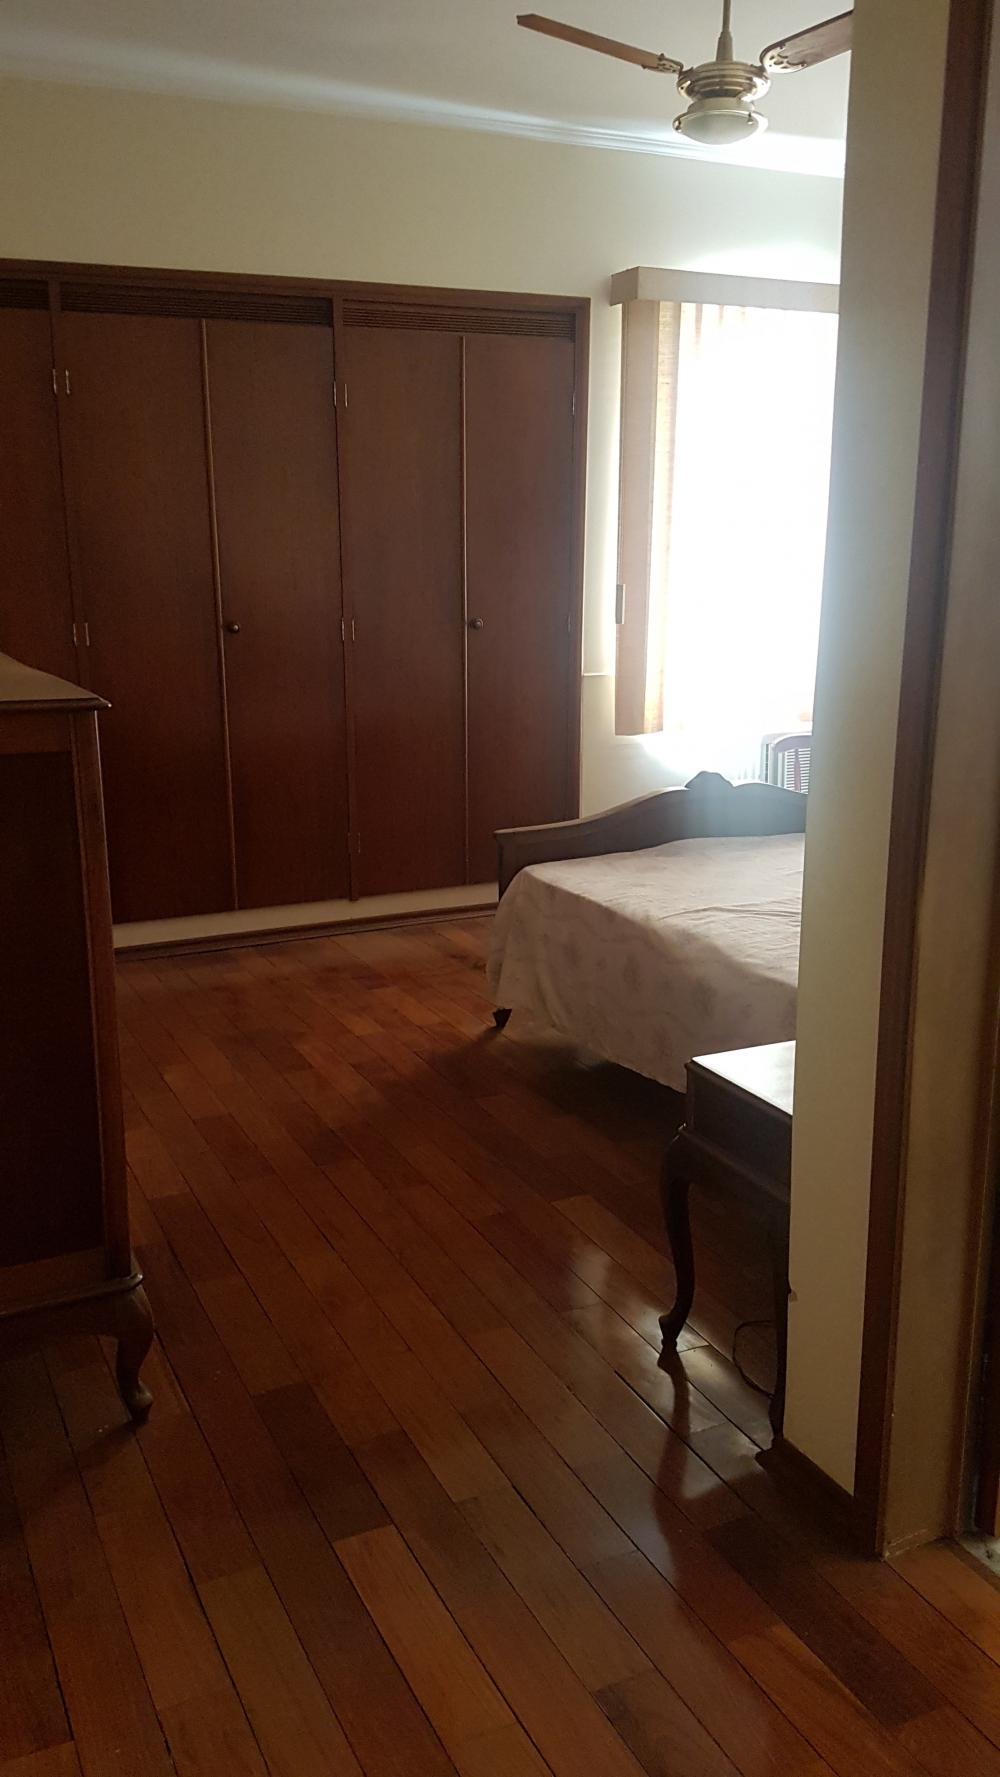 Comprar Apartamento / Padrão em São José do Rio Preto apenas R$ 300.000,00 - Foto 5